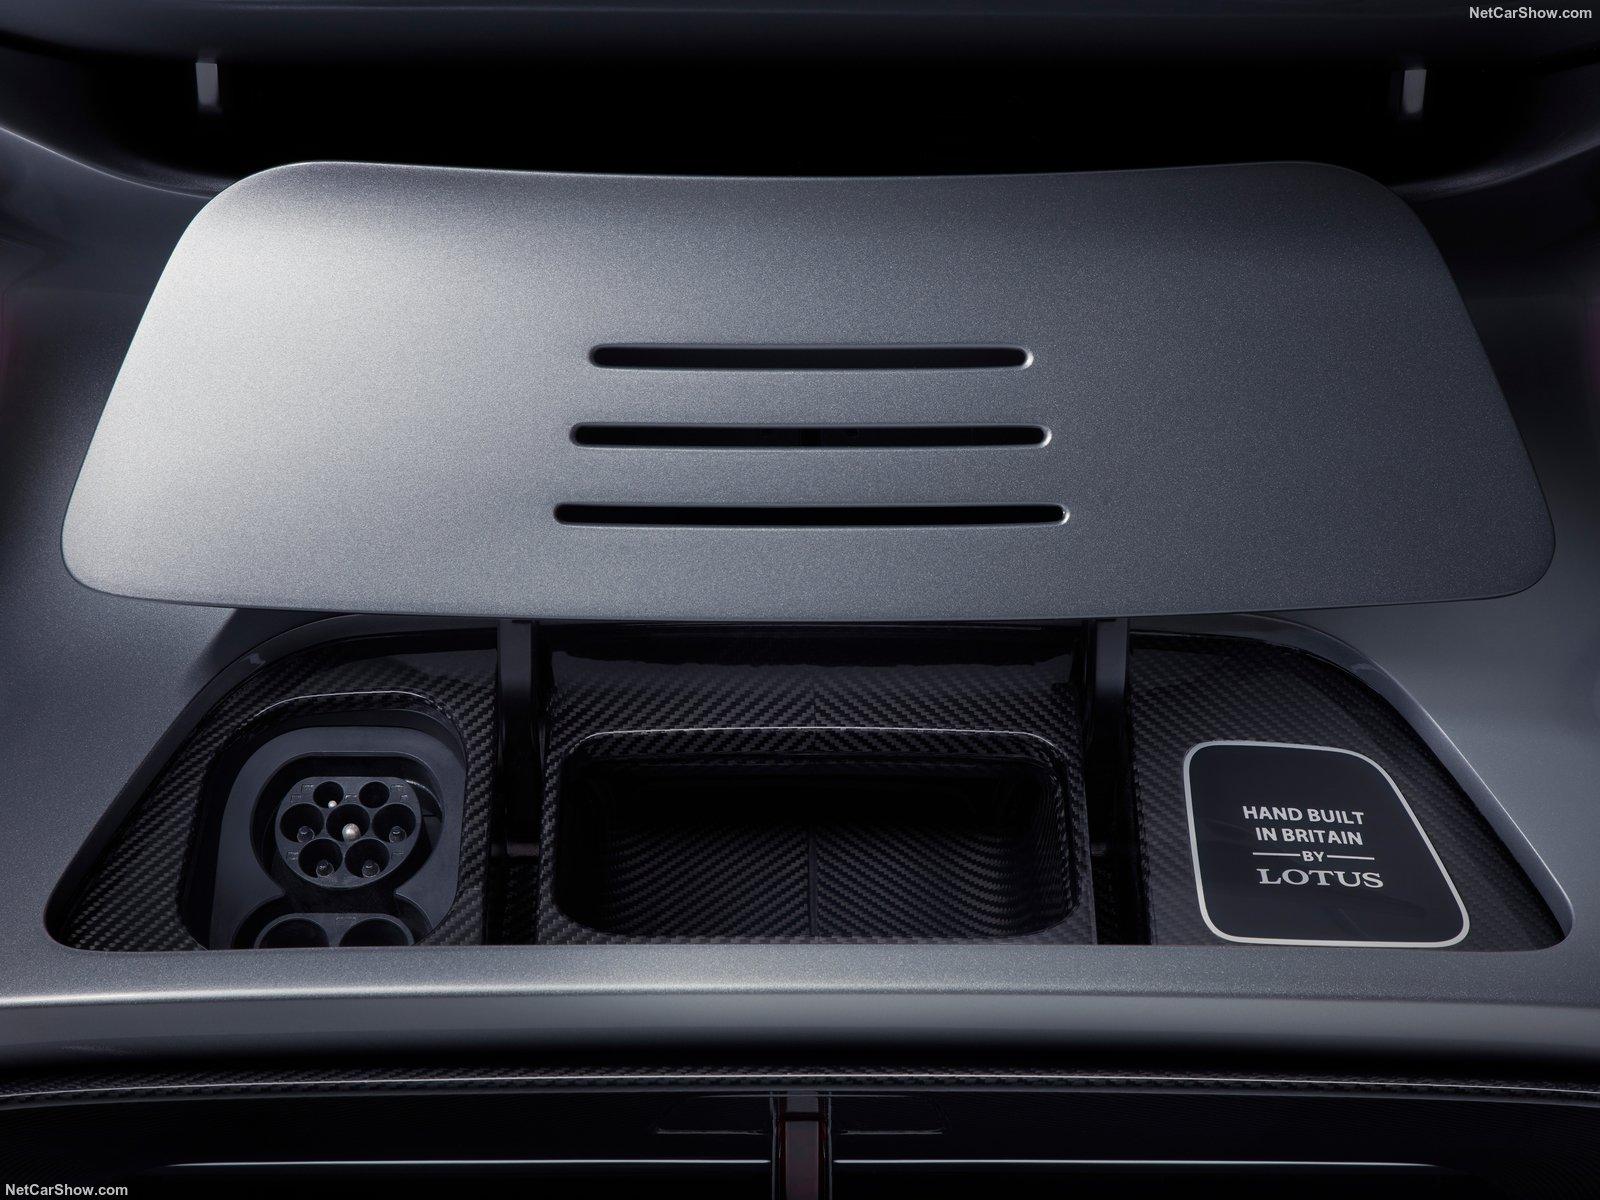 2000马力,路特斯推出世界上功率最大的量产跑车Evija